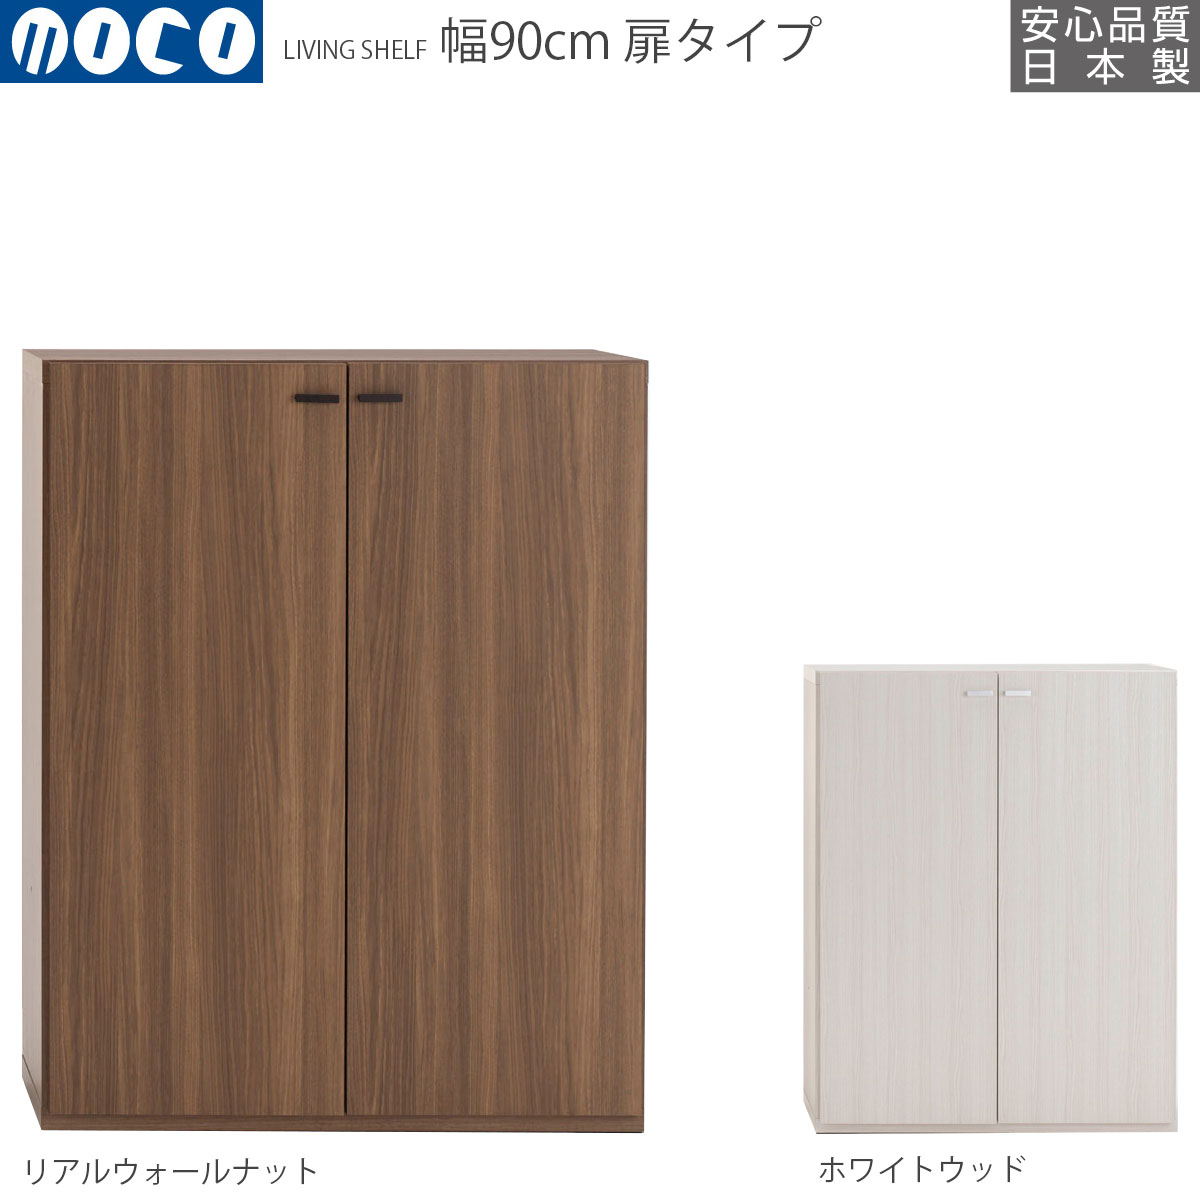 本棚 完成品 【即納】 フナモコ リビングシェルフ 壁面 収納 扉付き 幅90×高さ113.8cm リアルウォールナット ホワイトウッド KFD-90 KFS-90 日本製 国産